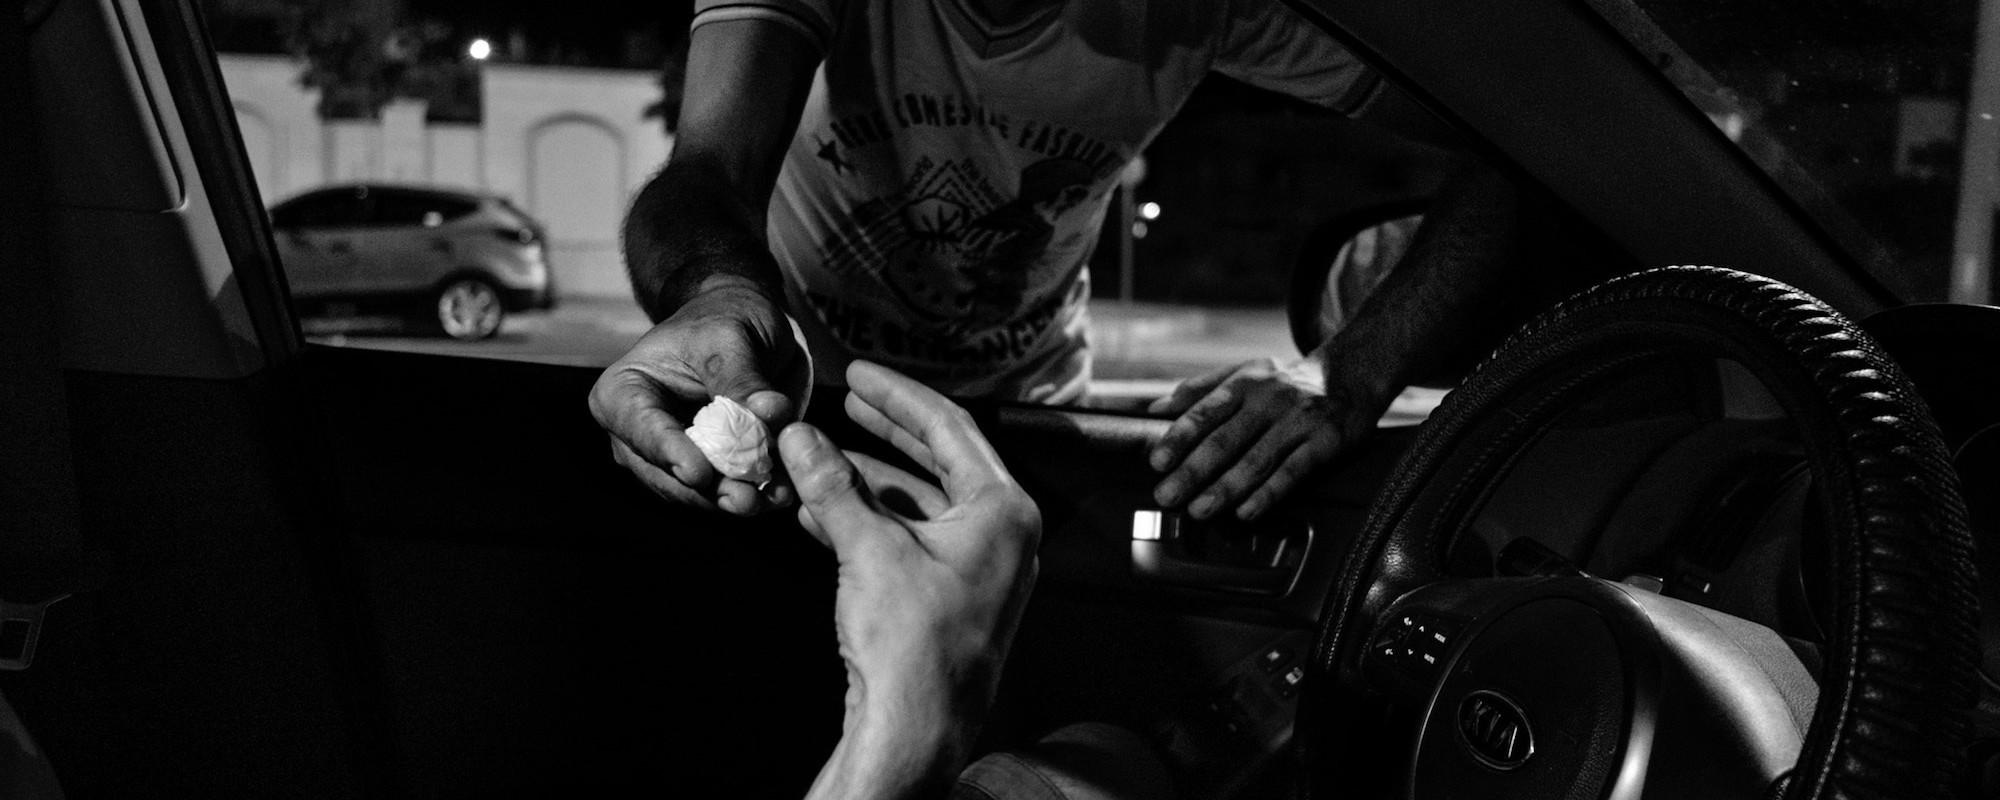 Les hommes de Gaza se défoncent aux opiacés synthétiques